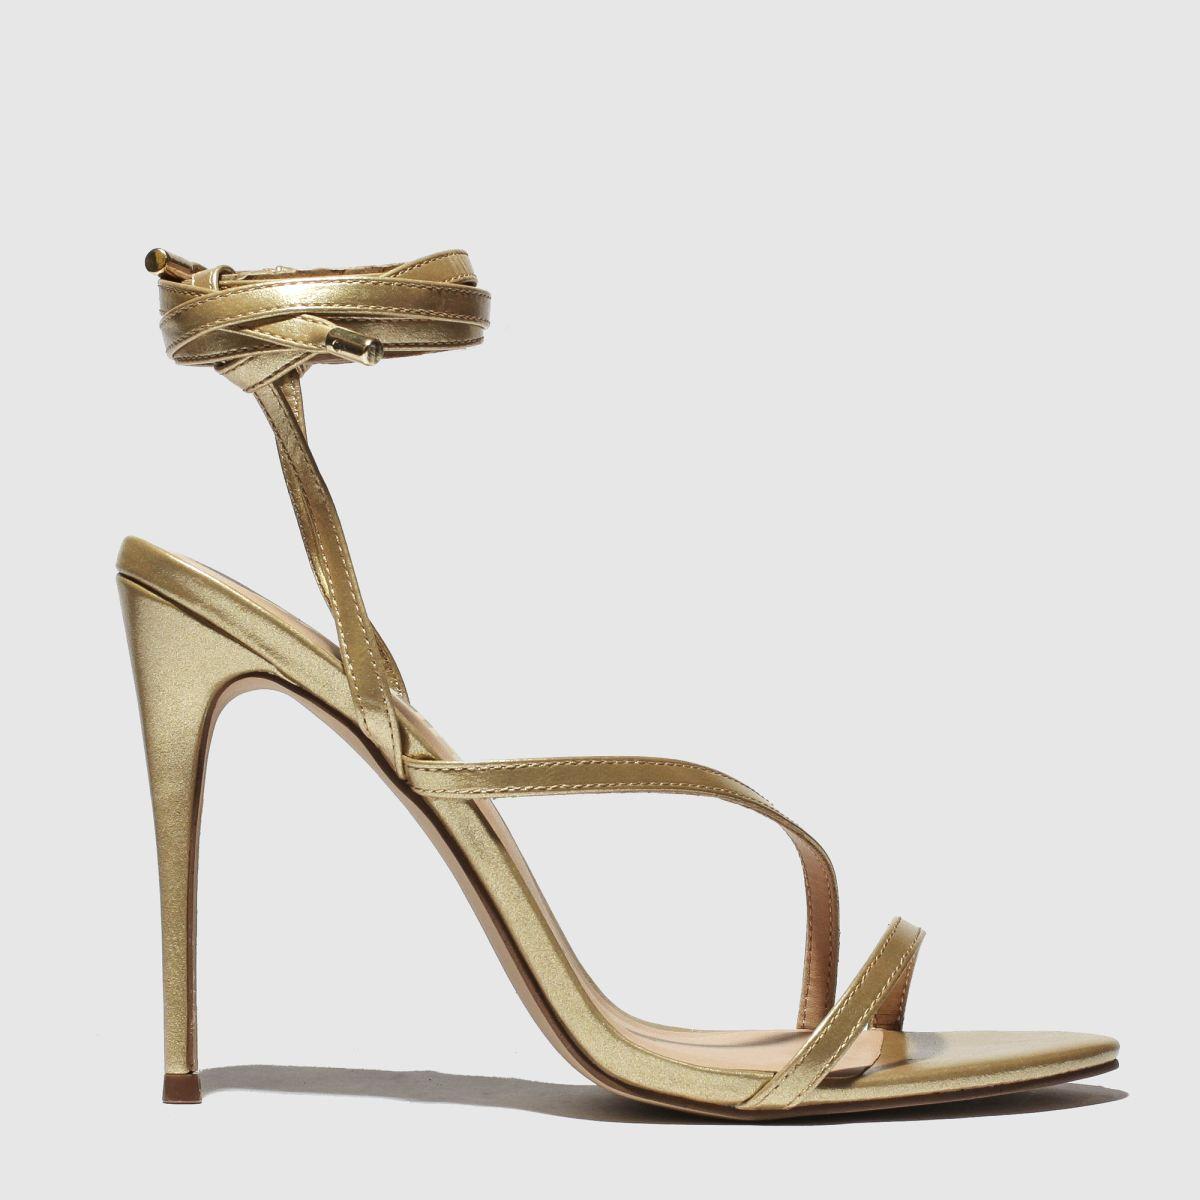 schuh Schuh Gold Chantal High Heels